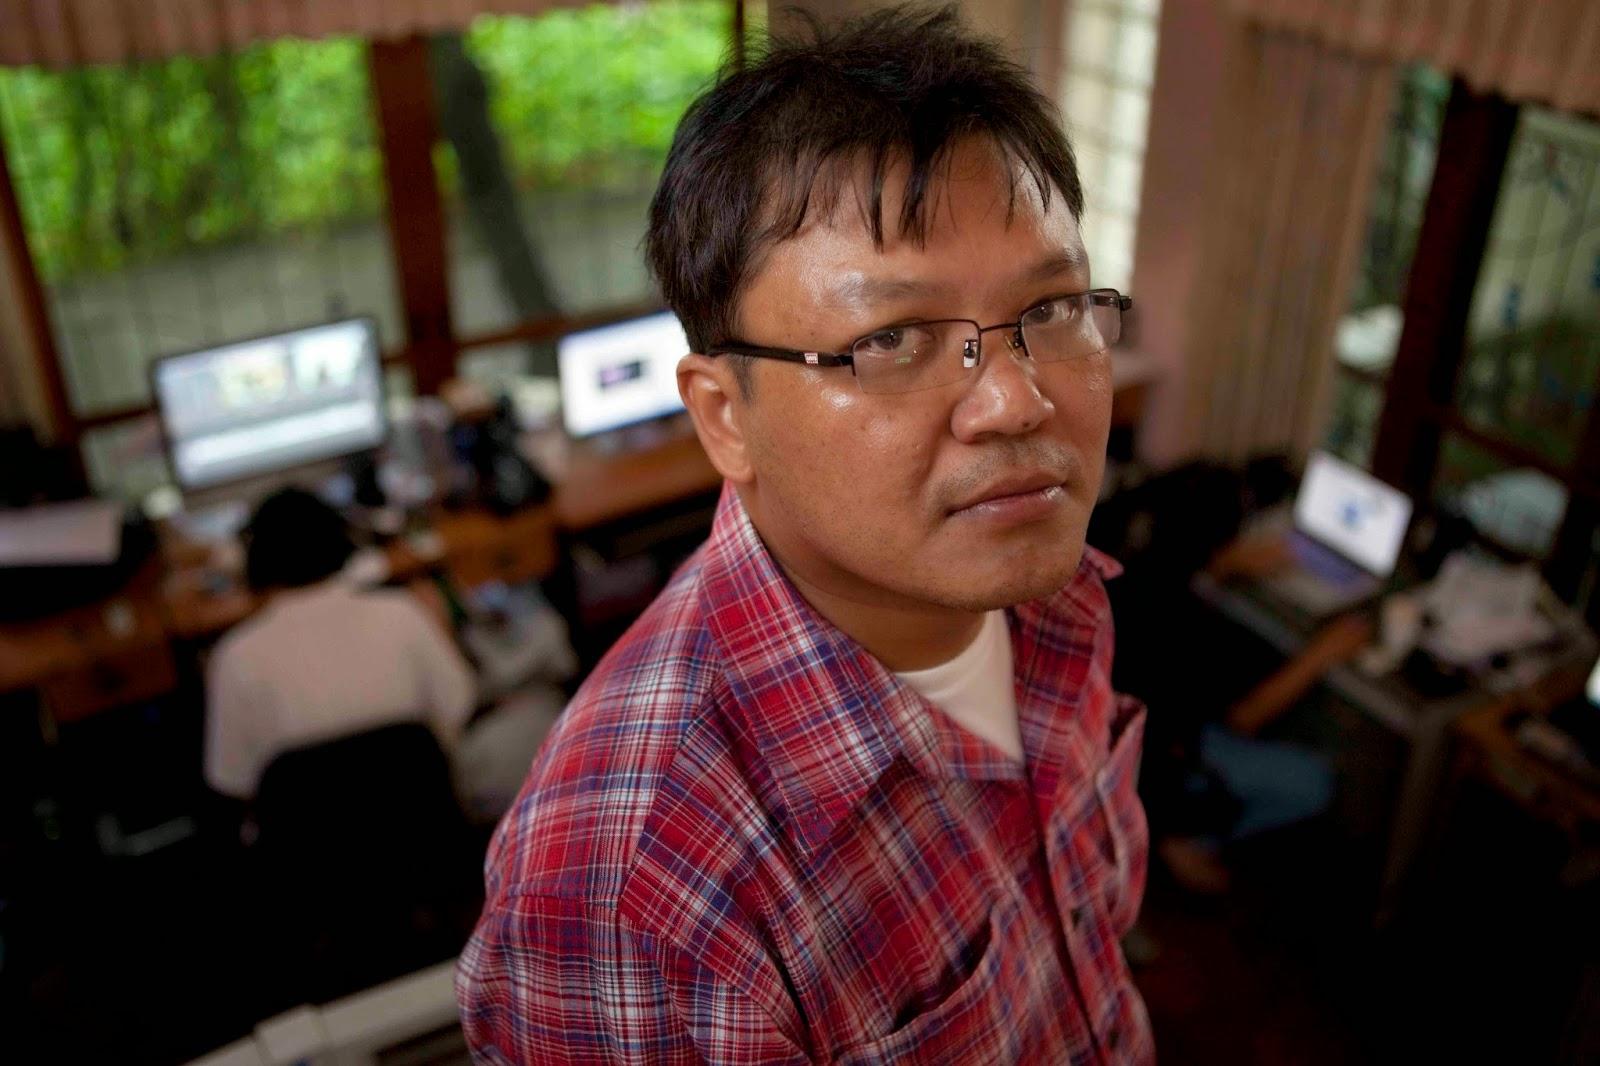 ရန္ေနာင္(ဗိုုလ္တေထာင္) – DVB Radio  ယခုလကုန္ပိုင္းတြင္ ရပ္နားေတာ႕မည္